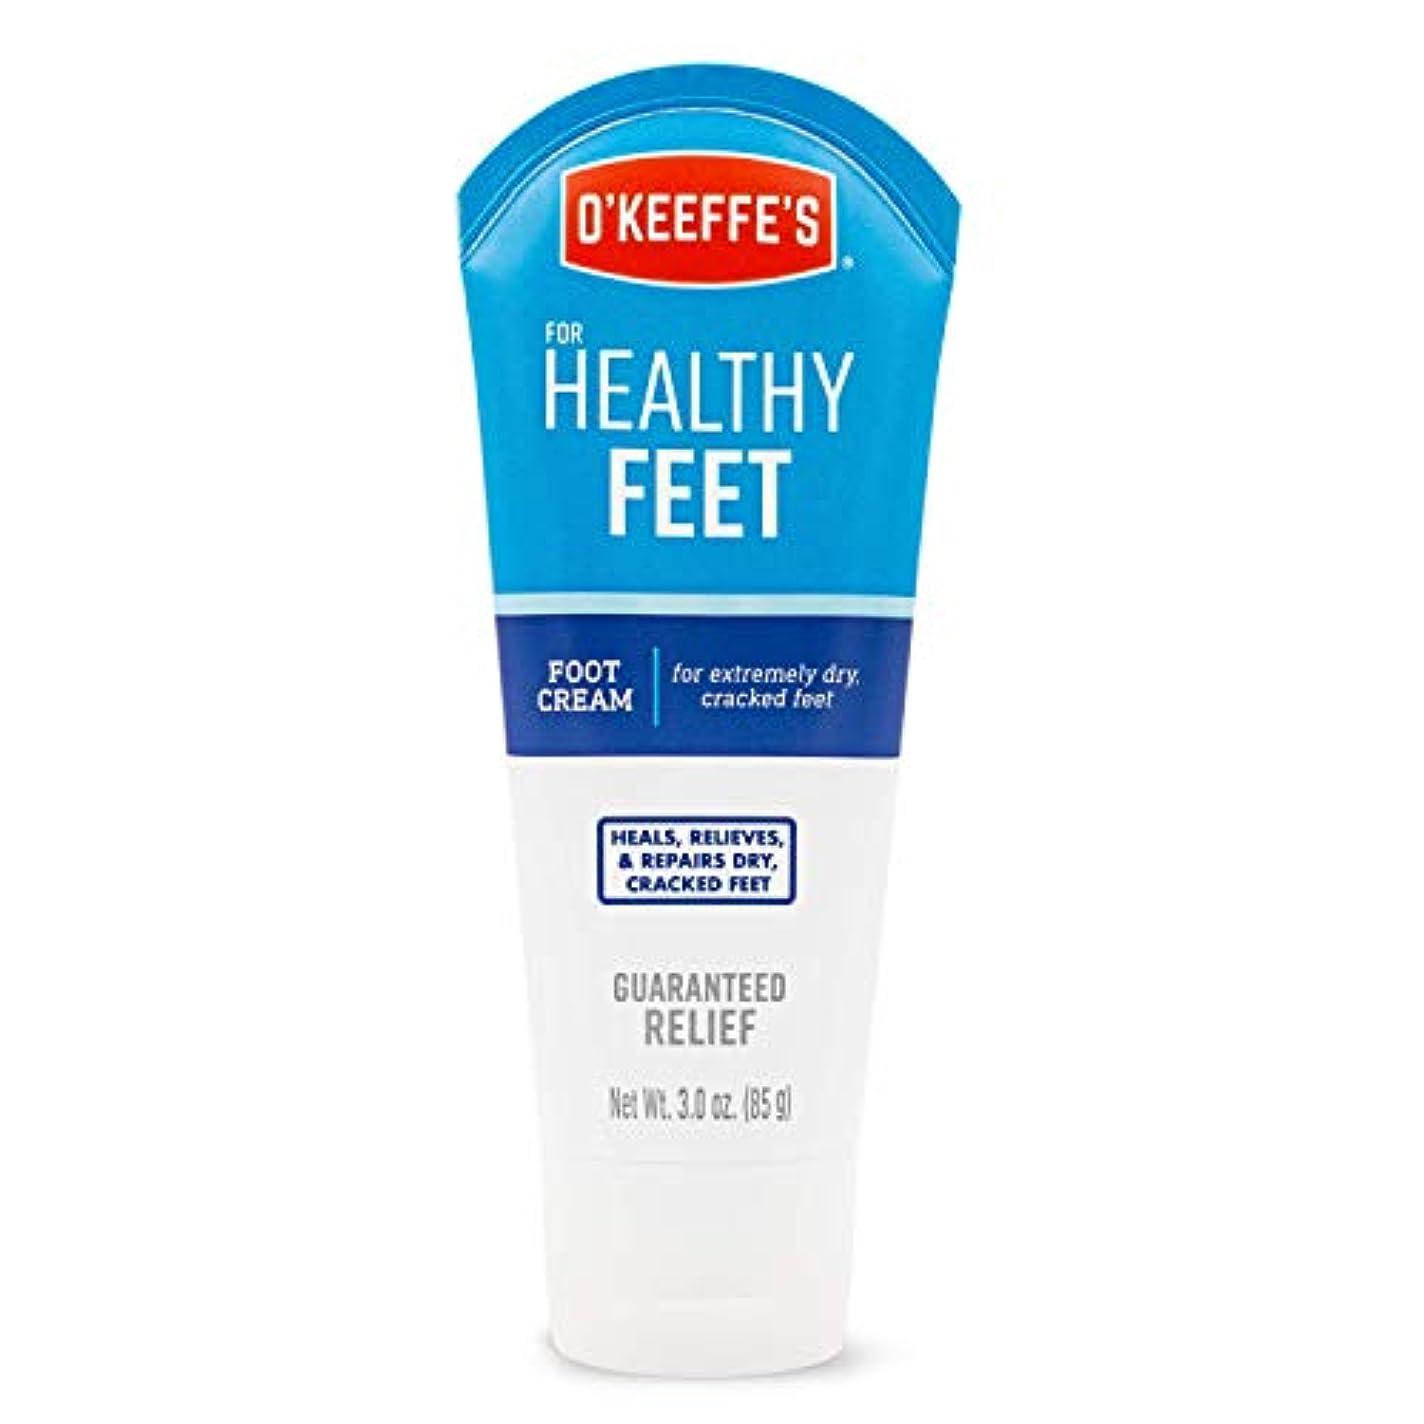 クリック異なるカーテンオキーフス ワーキングフィートクリーム チューブ  85g 1点 (並行輸入品) O'Keeffe's Working Feet Tube Cream 3oz